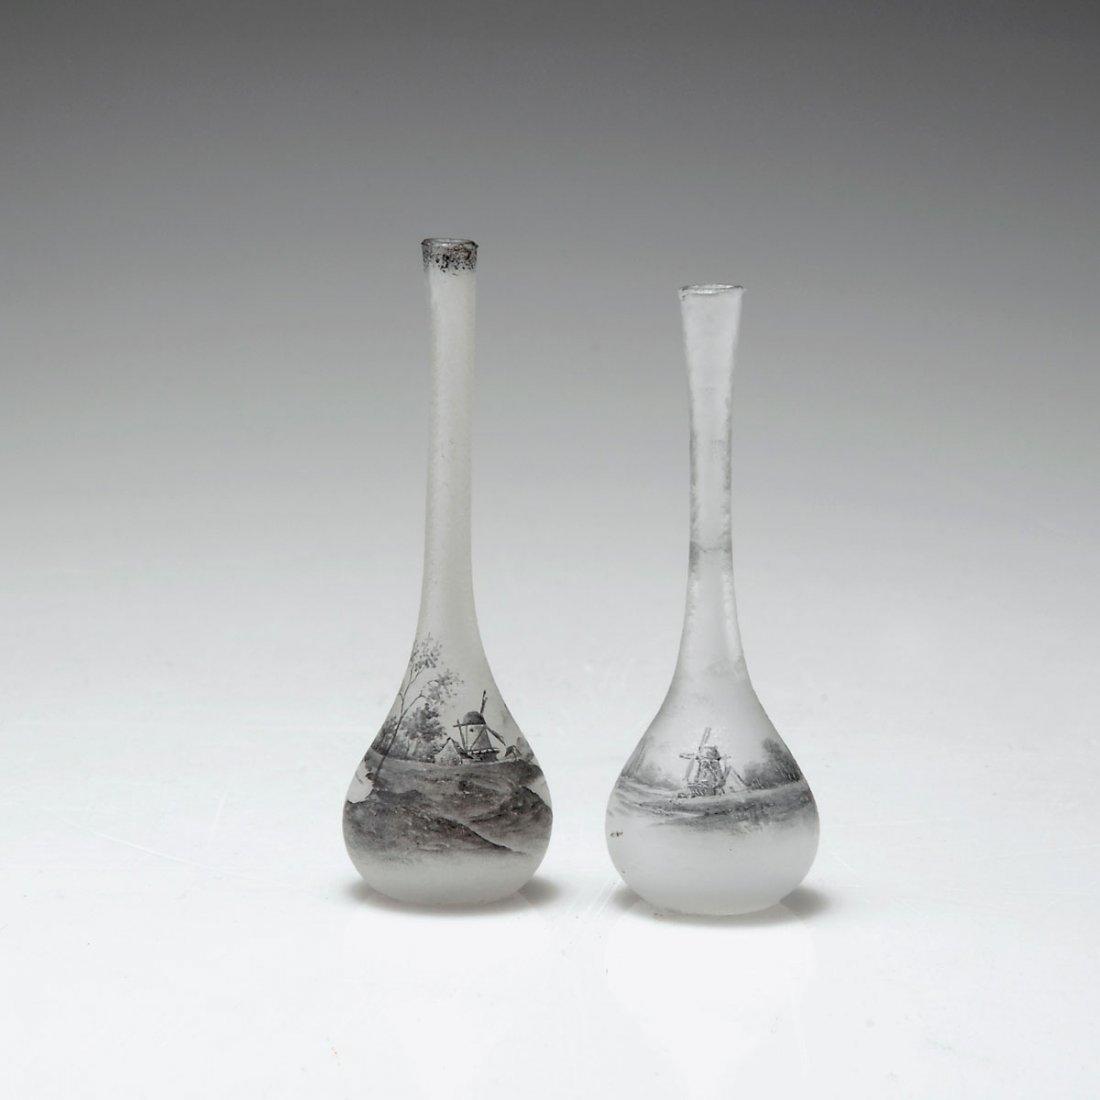 23: Zwei kleine Berluzen 'Delft', 1899